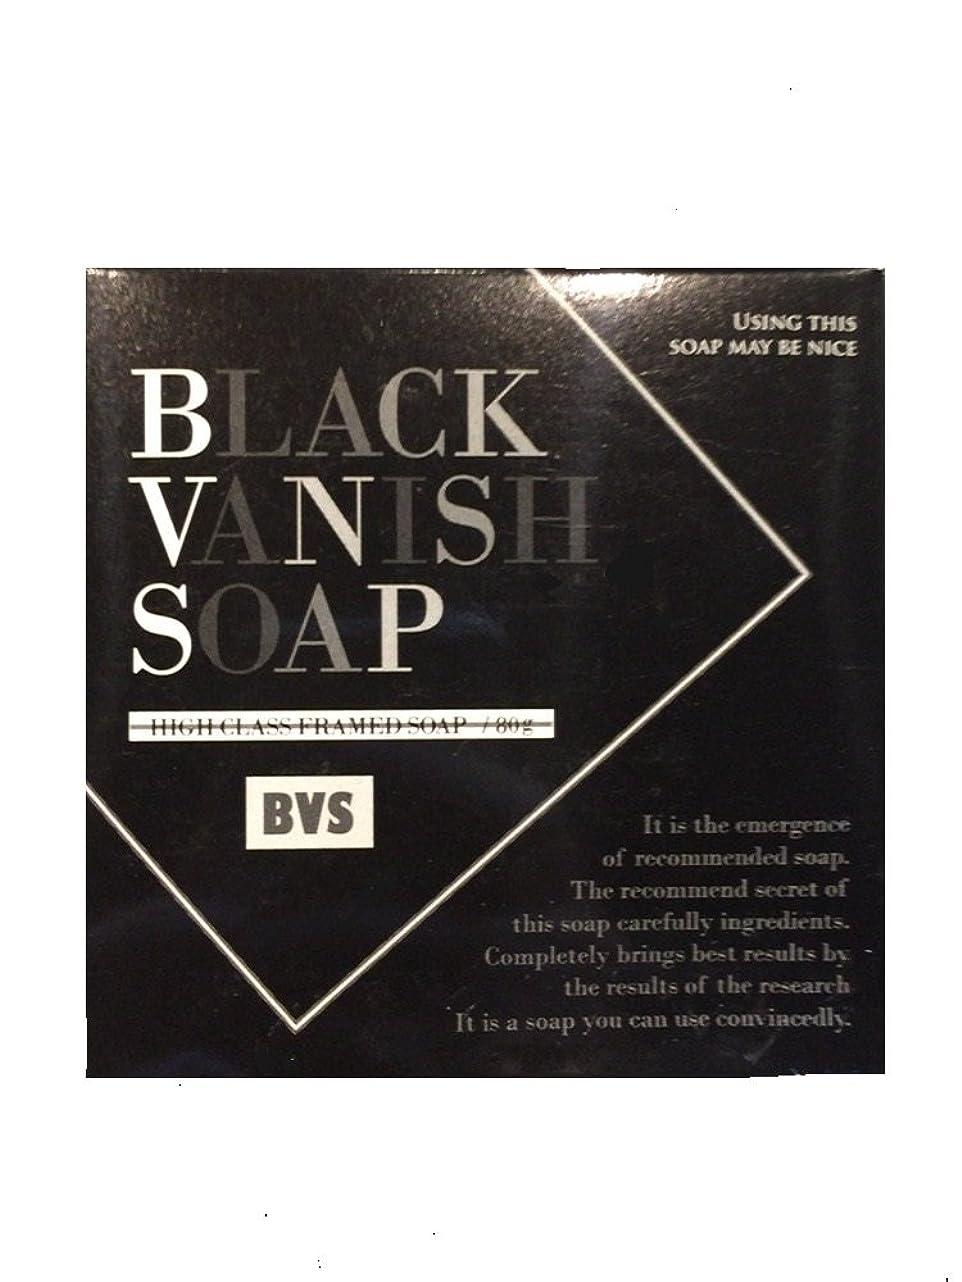 人気遠いピッチBLACK VANISH SOAP (ブラックバニッシュソープ)